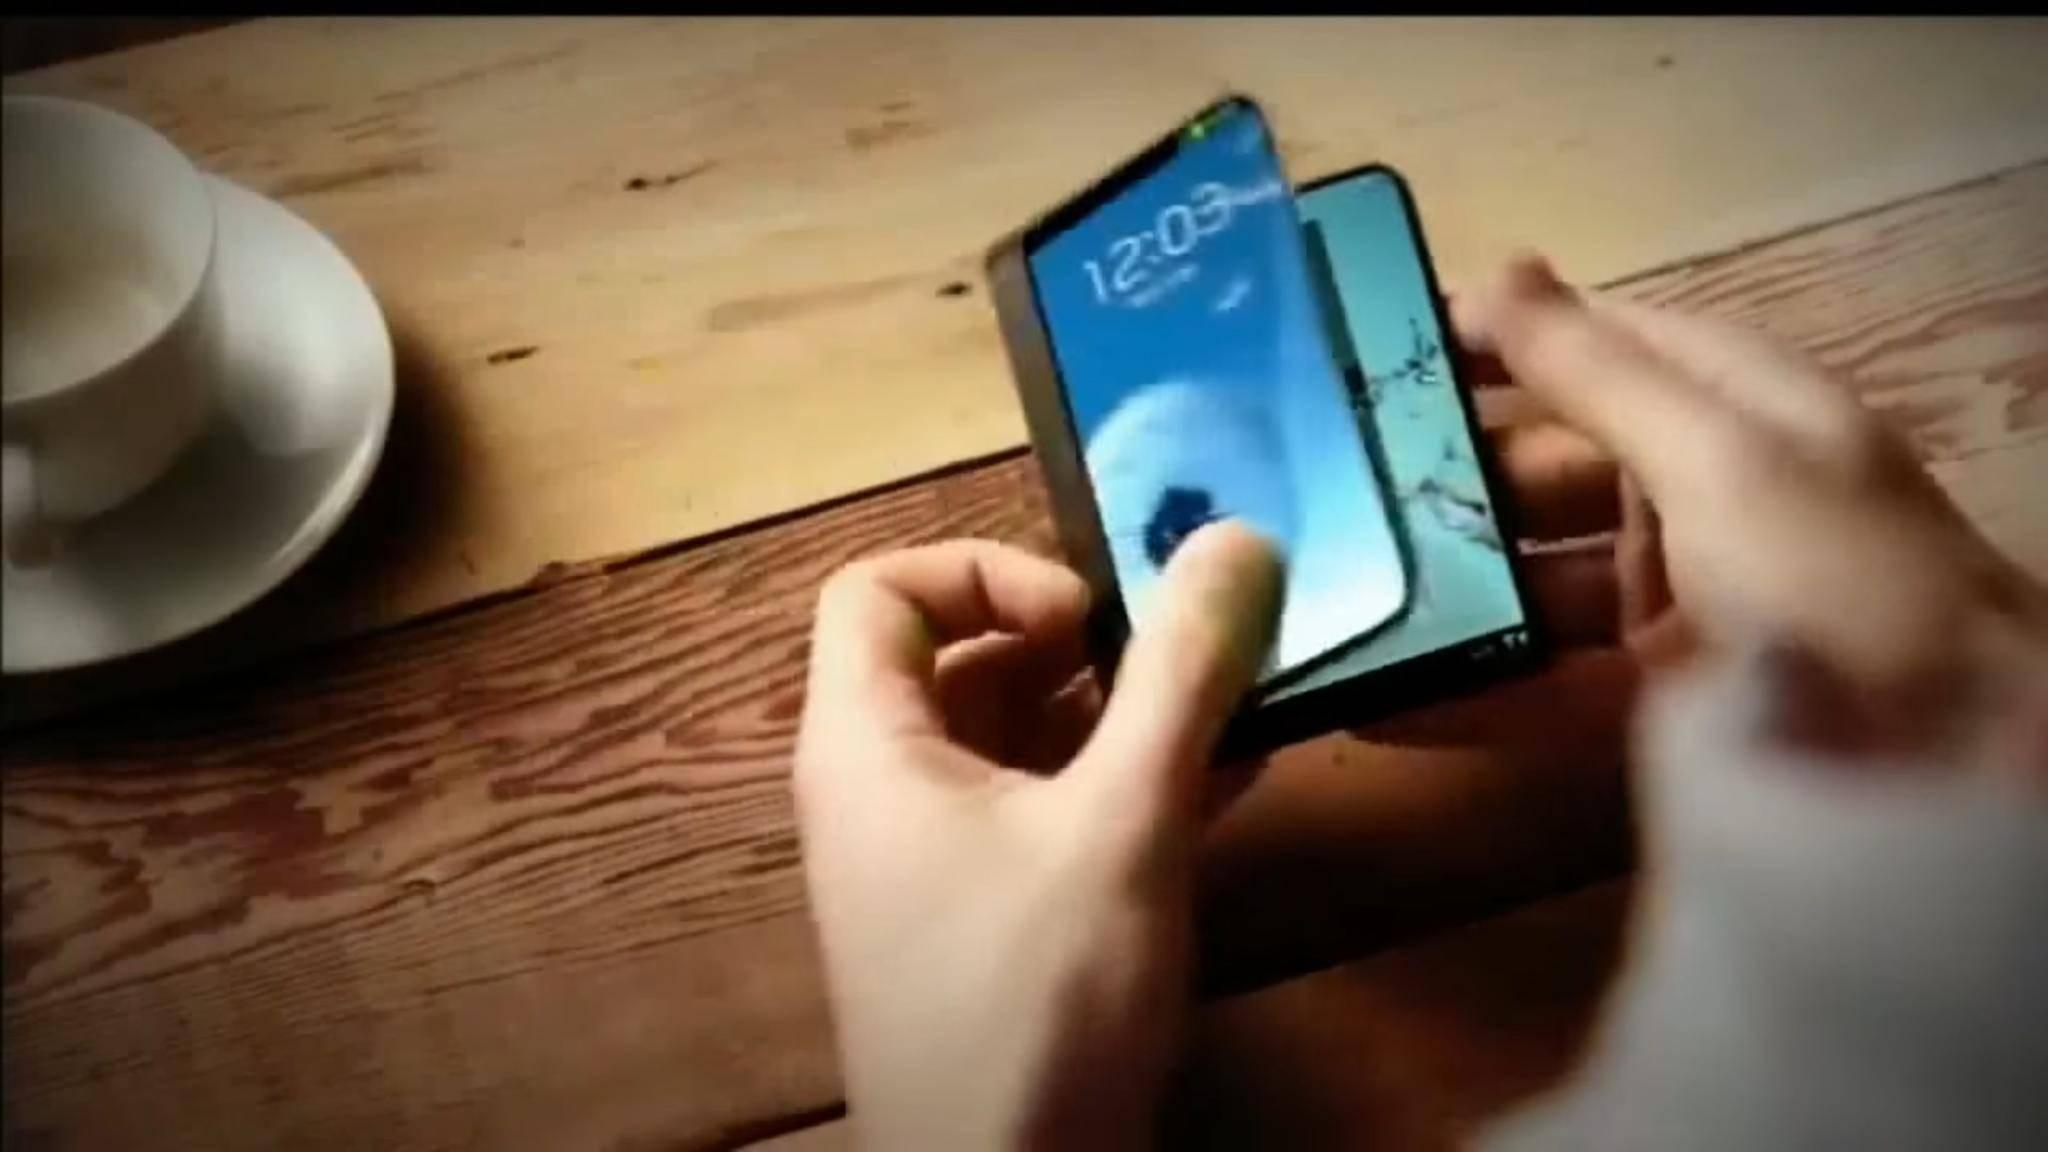 Das erste faltbare Smartphone von Samsung könnte noch vor dem Galaxy Note 8 auf den Markt kommen.